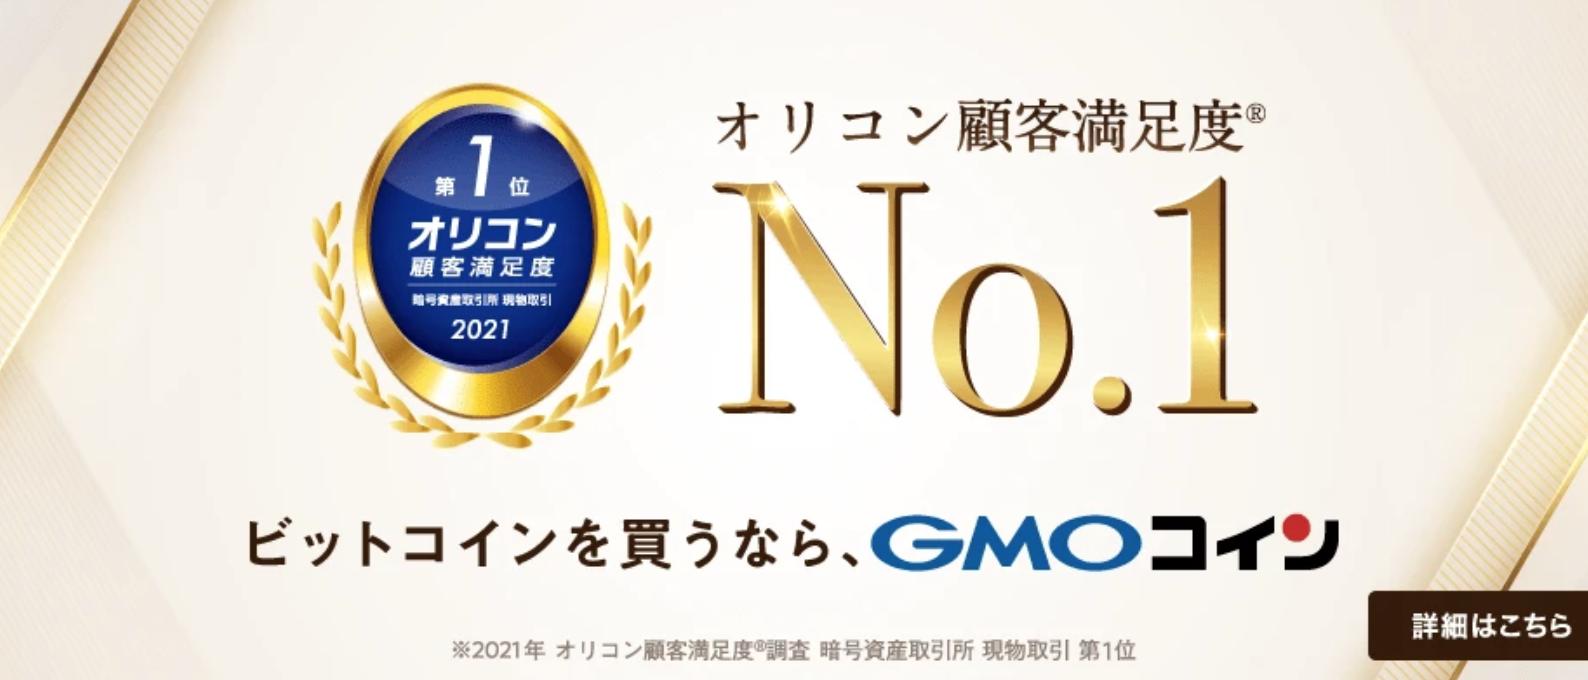 ビットコイン_GMO